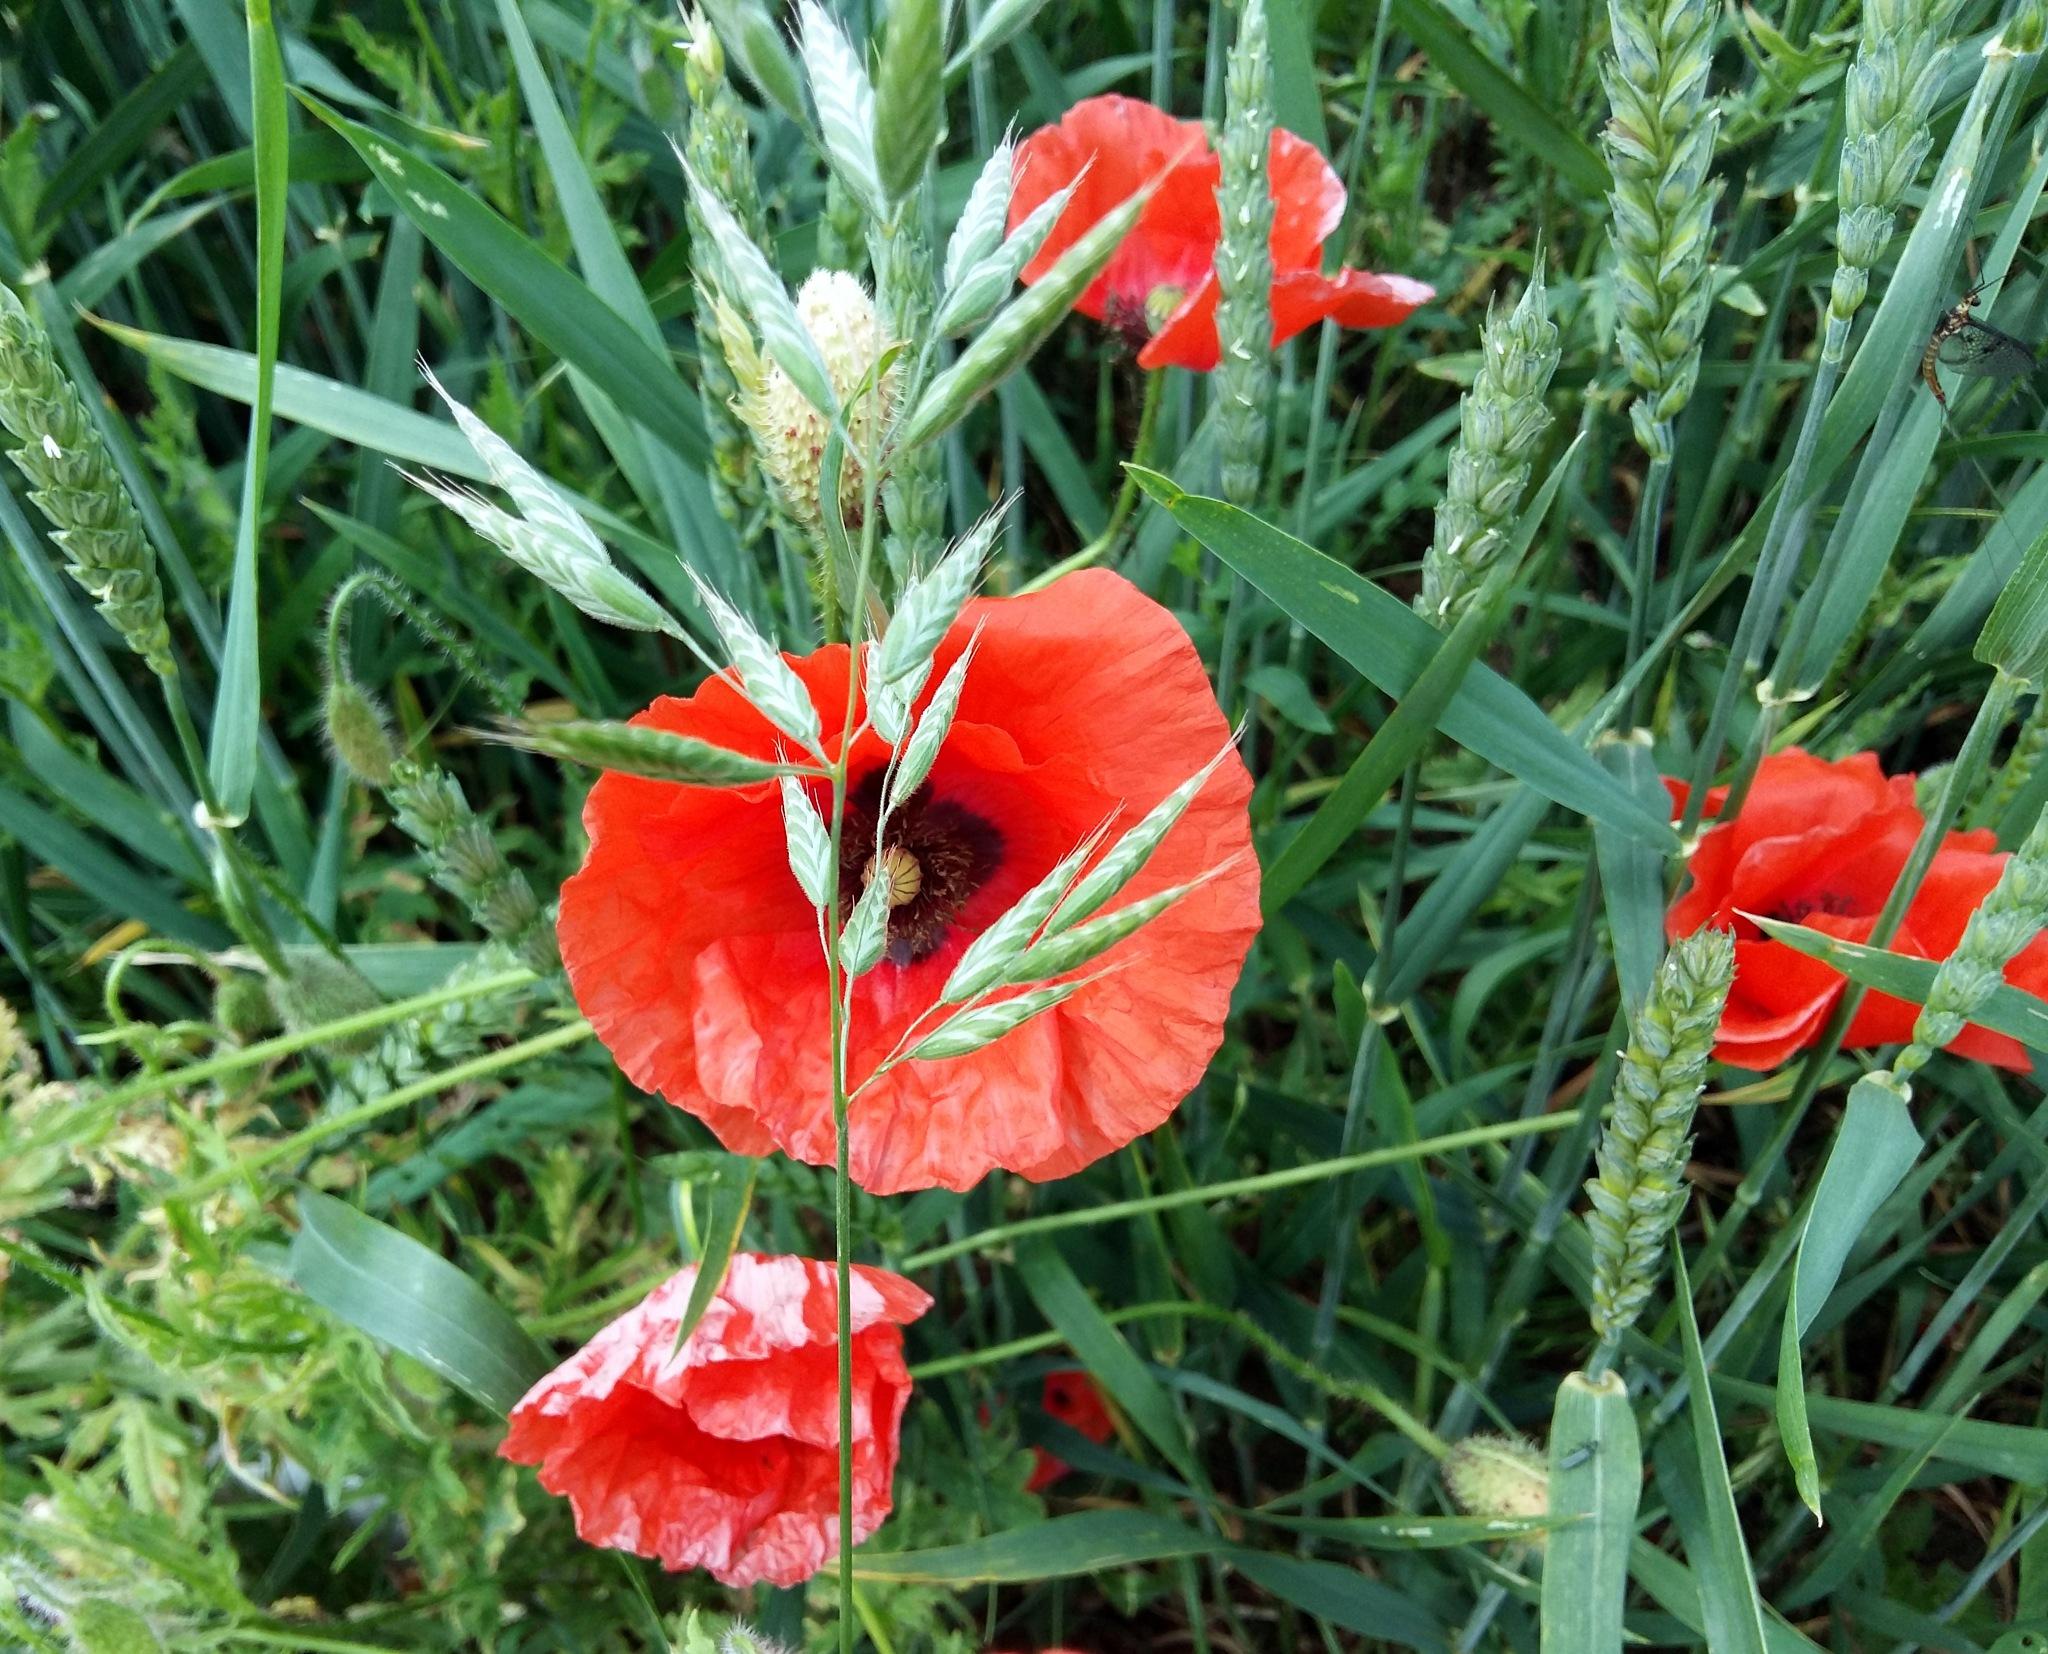 Field poppies by uzkuraitiene62